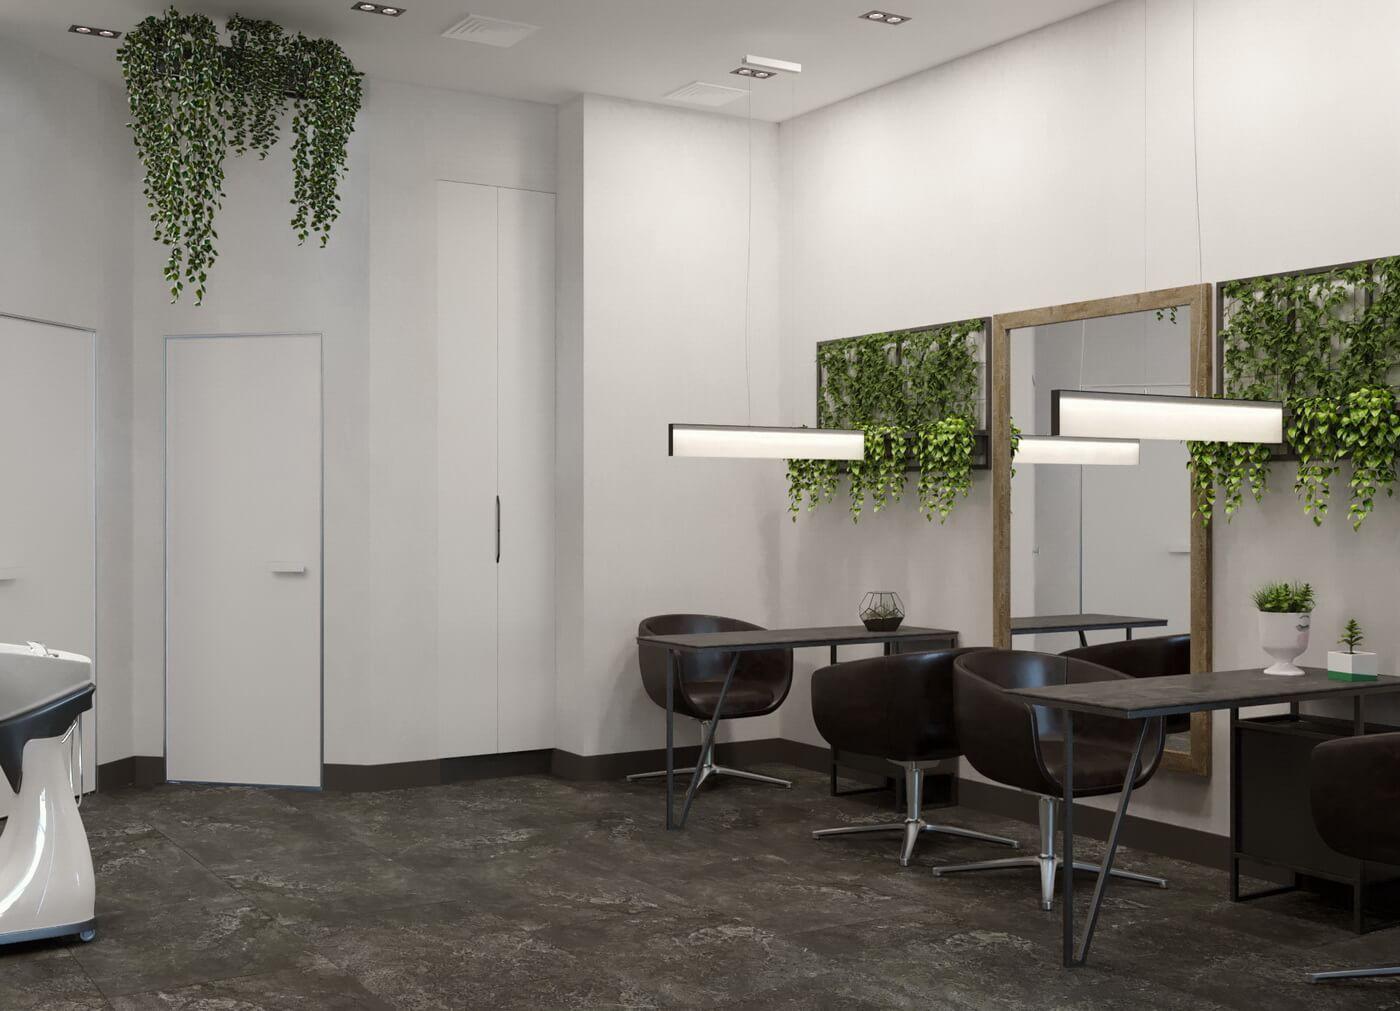 """Салон красоты """"Ninel"""". Маникюрные столы в стиле Loft. скрытые двери шкафа, межкомнатные двери без наличника"""